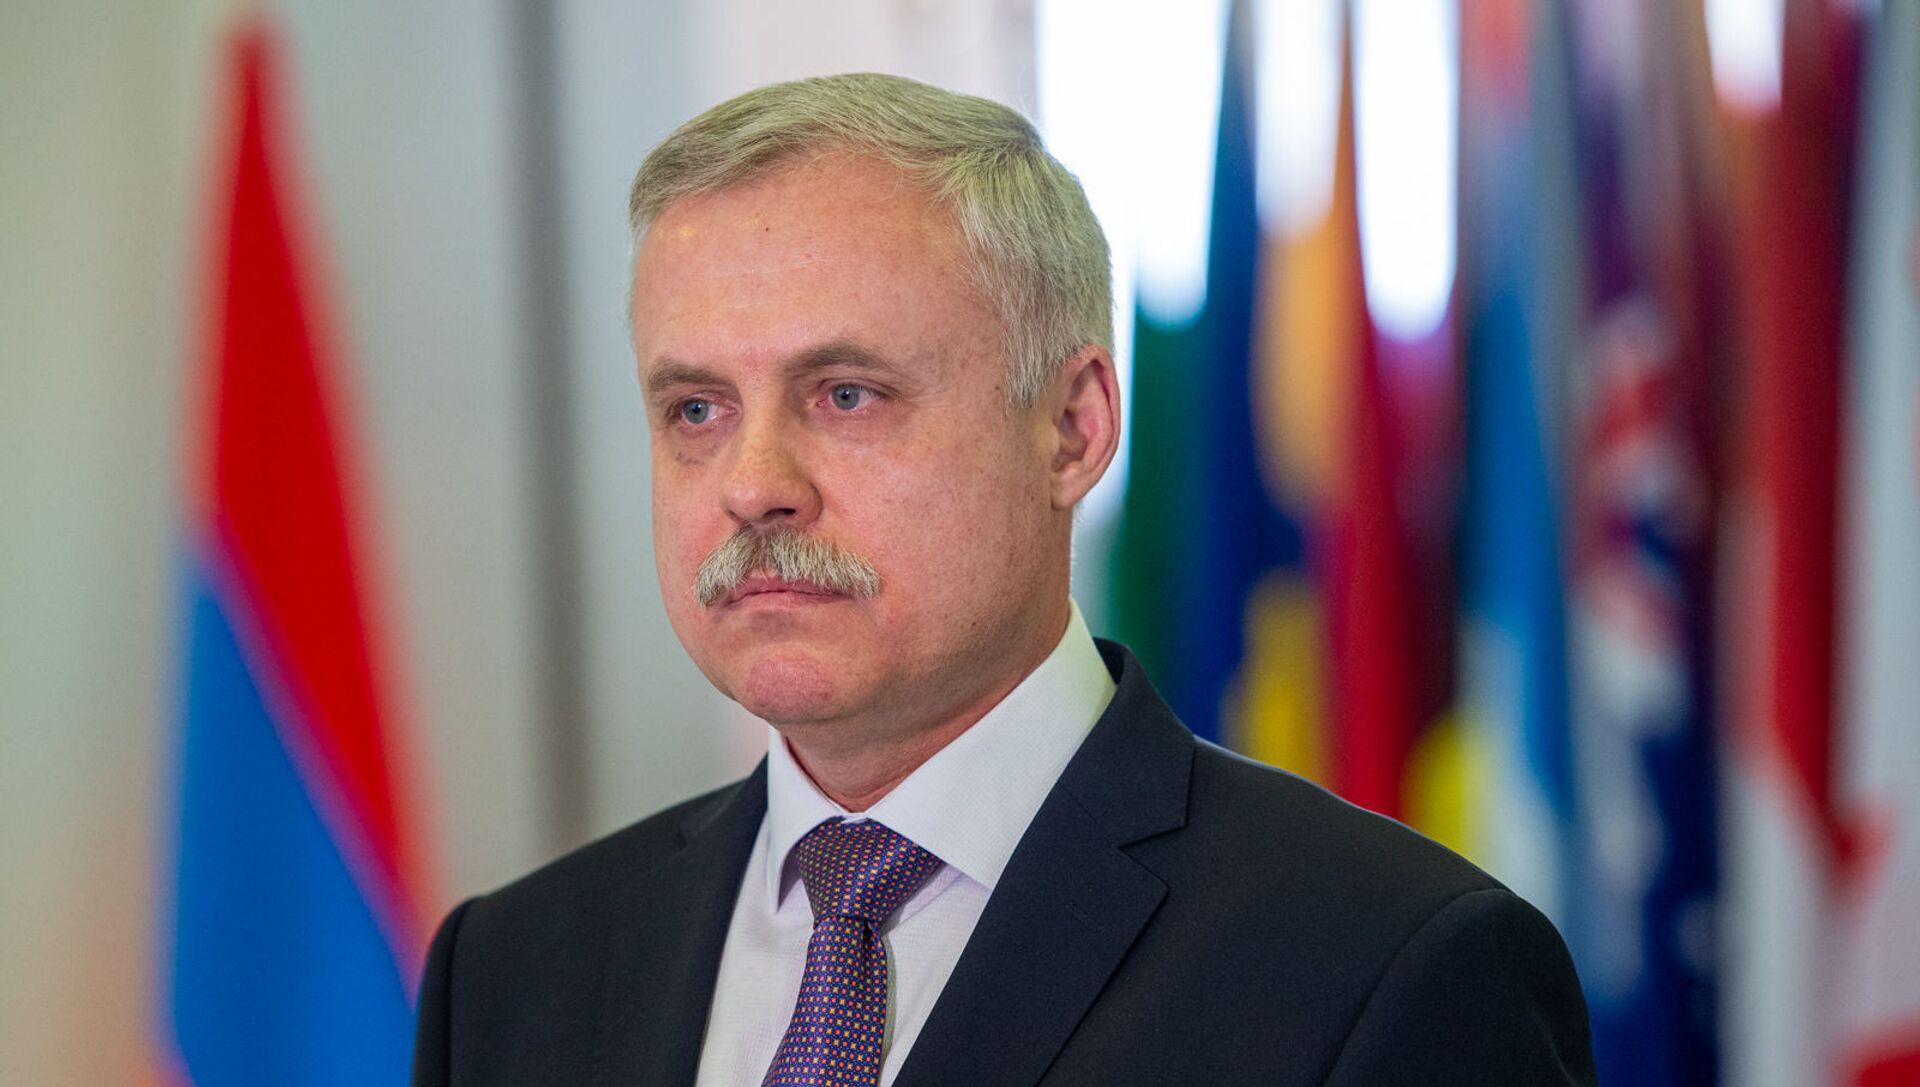 Генеральный секретарь ОДКБ Станислав Зась - Sputnik Армения, 1920, 30.04.2021